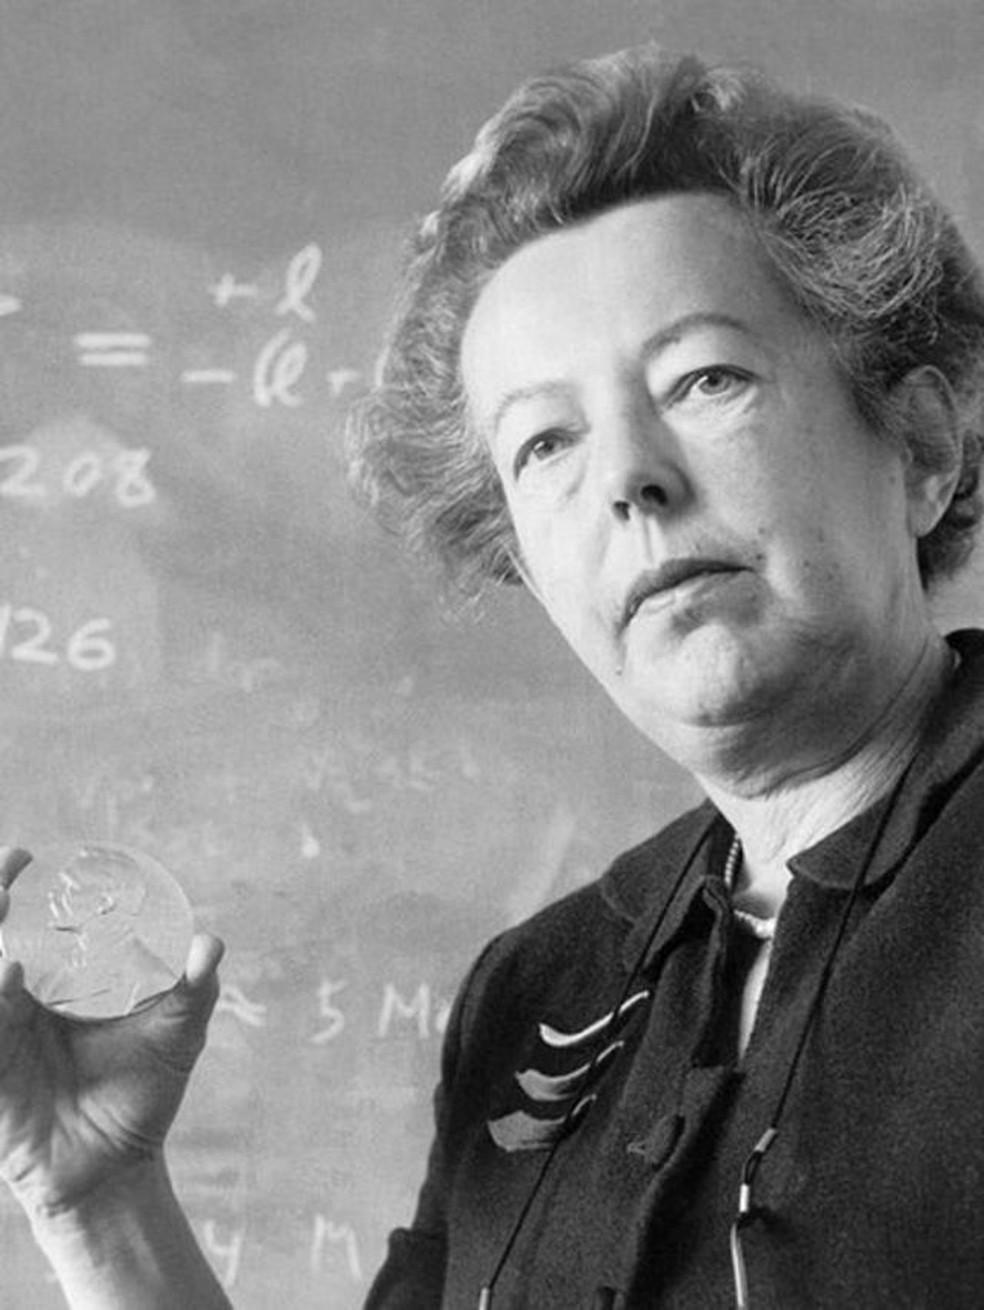 Quando Goeppert Mayer ganhou o Nobel de Física em 1963, ela se tornou a segunda mulher na história a receber o prêmio — Foto: Getty Images via BBC